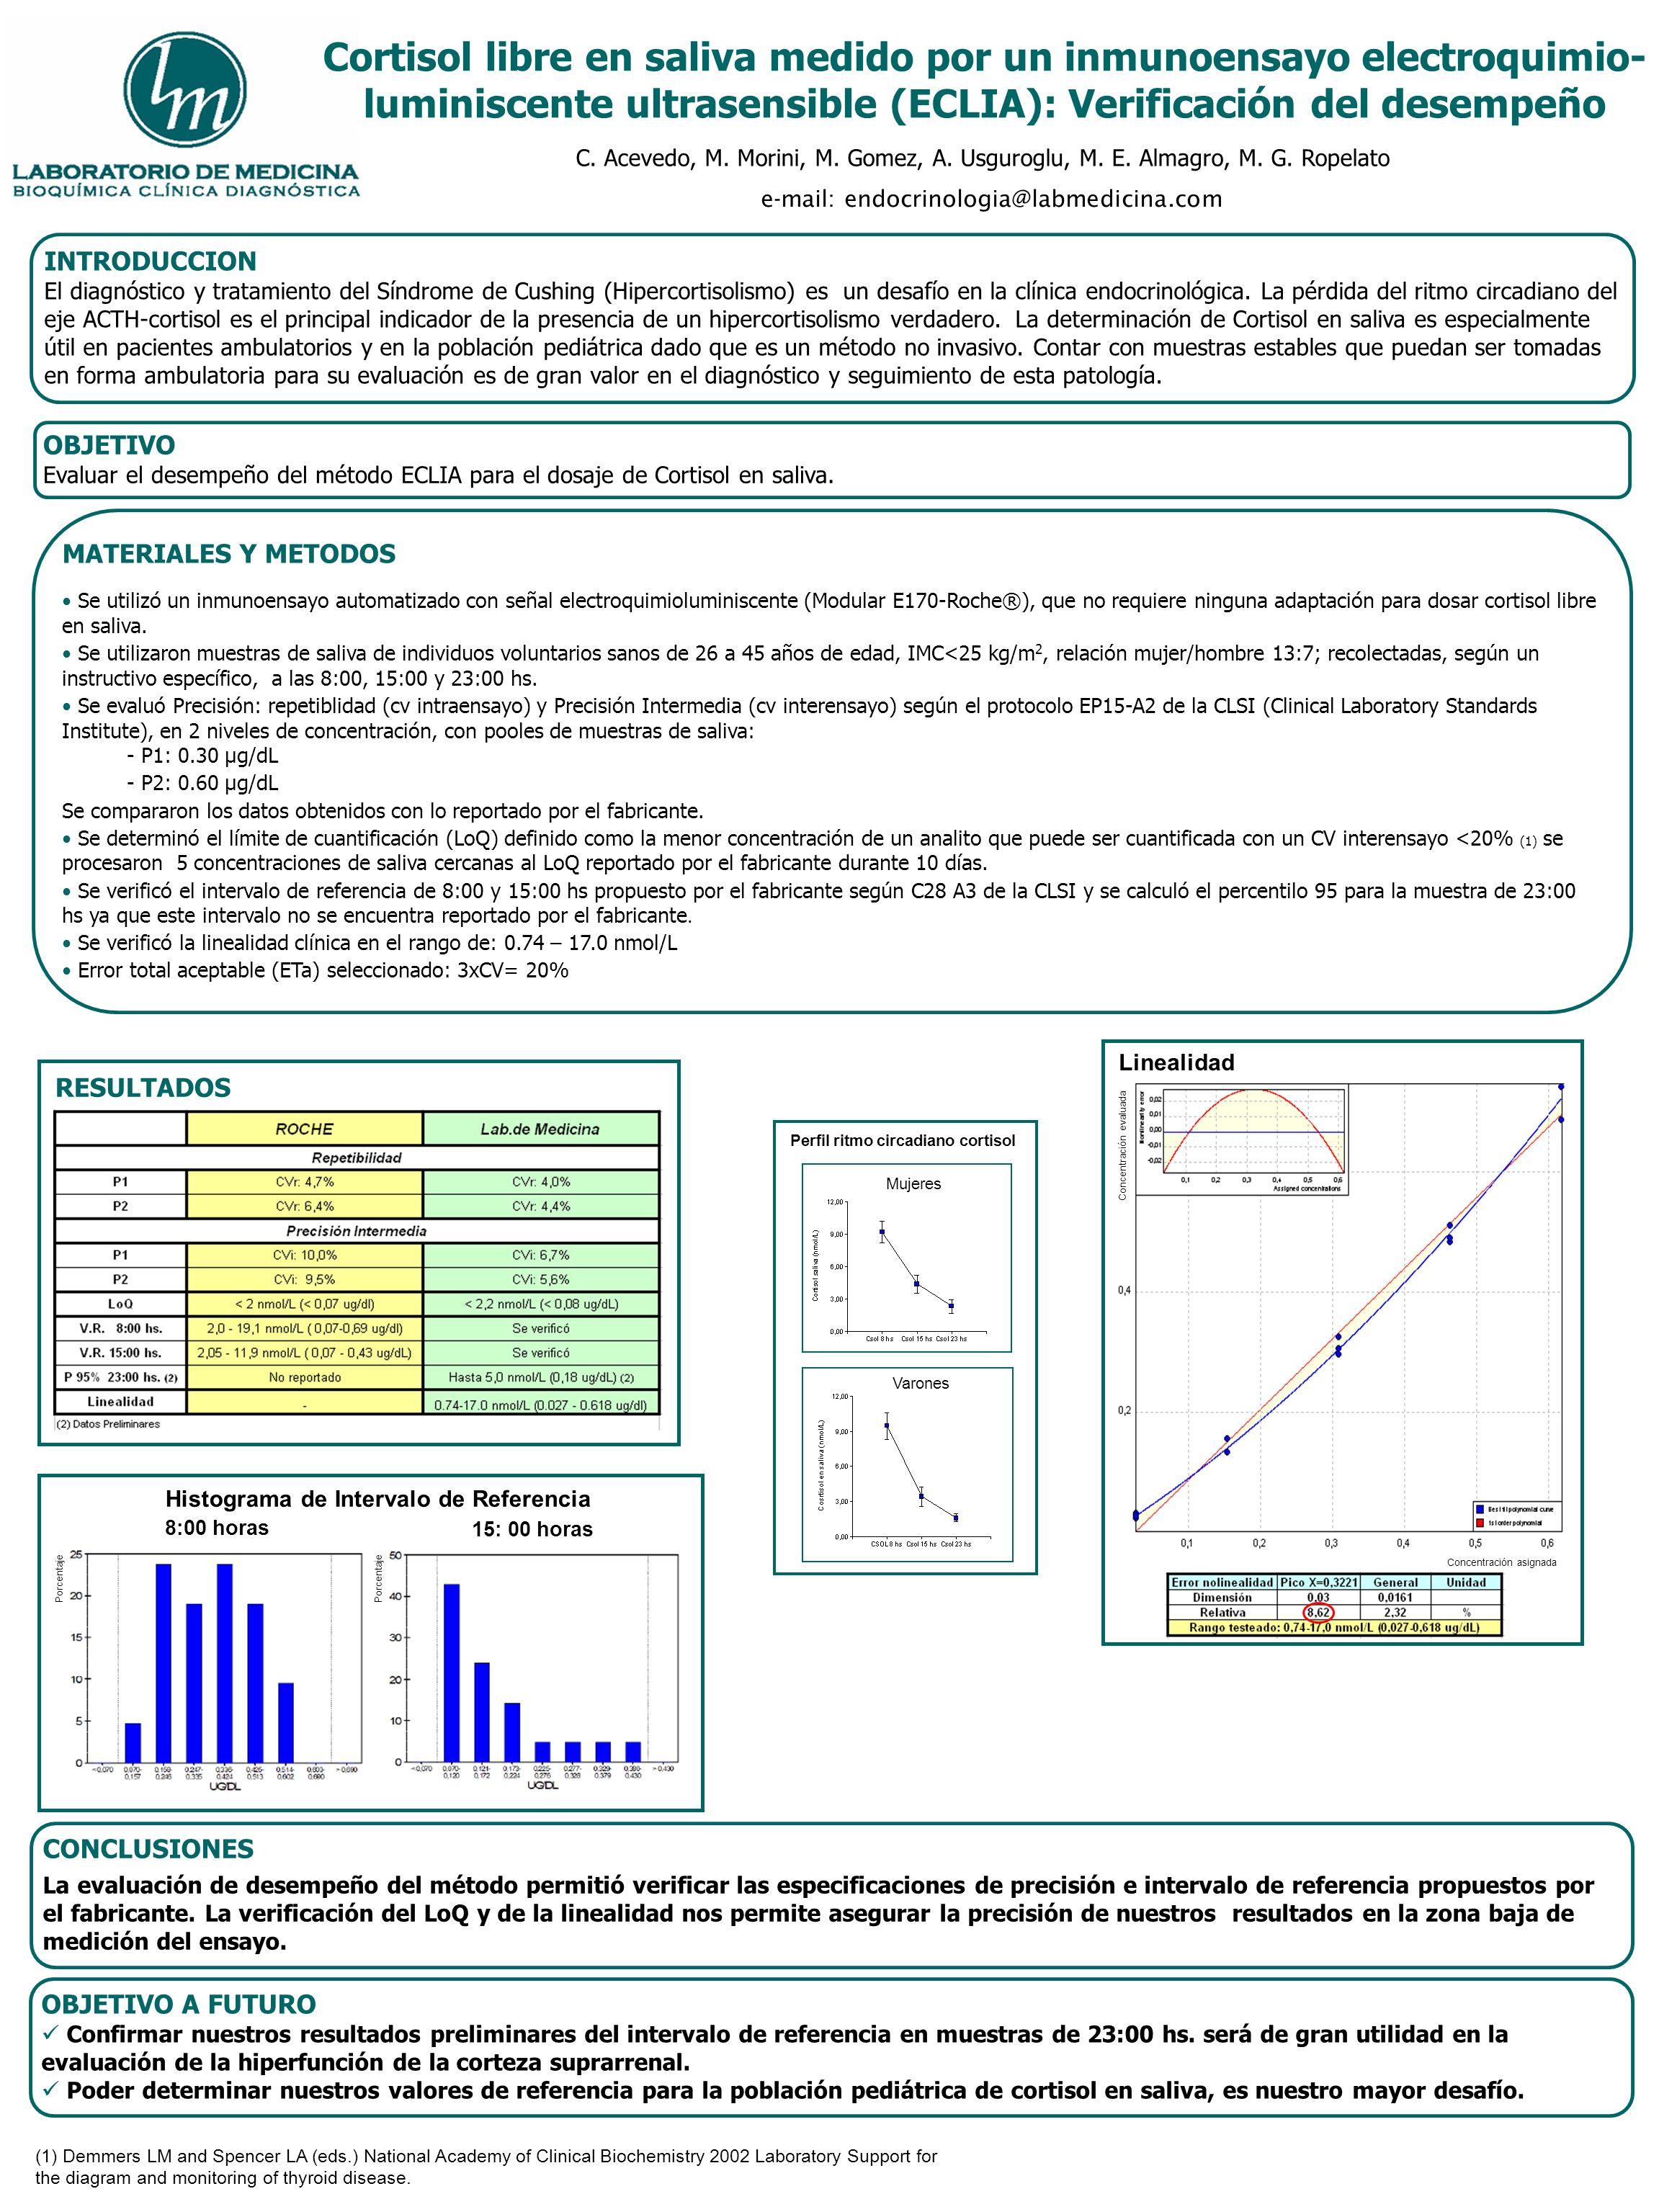 e-mail: endocrinologia@labmedicina.com